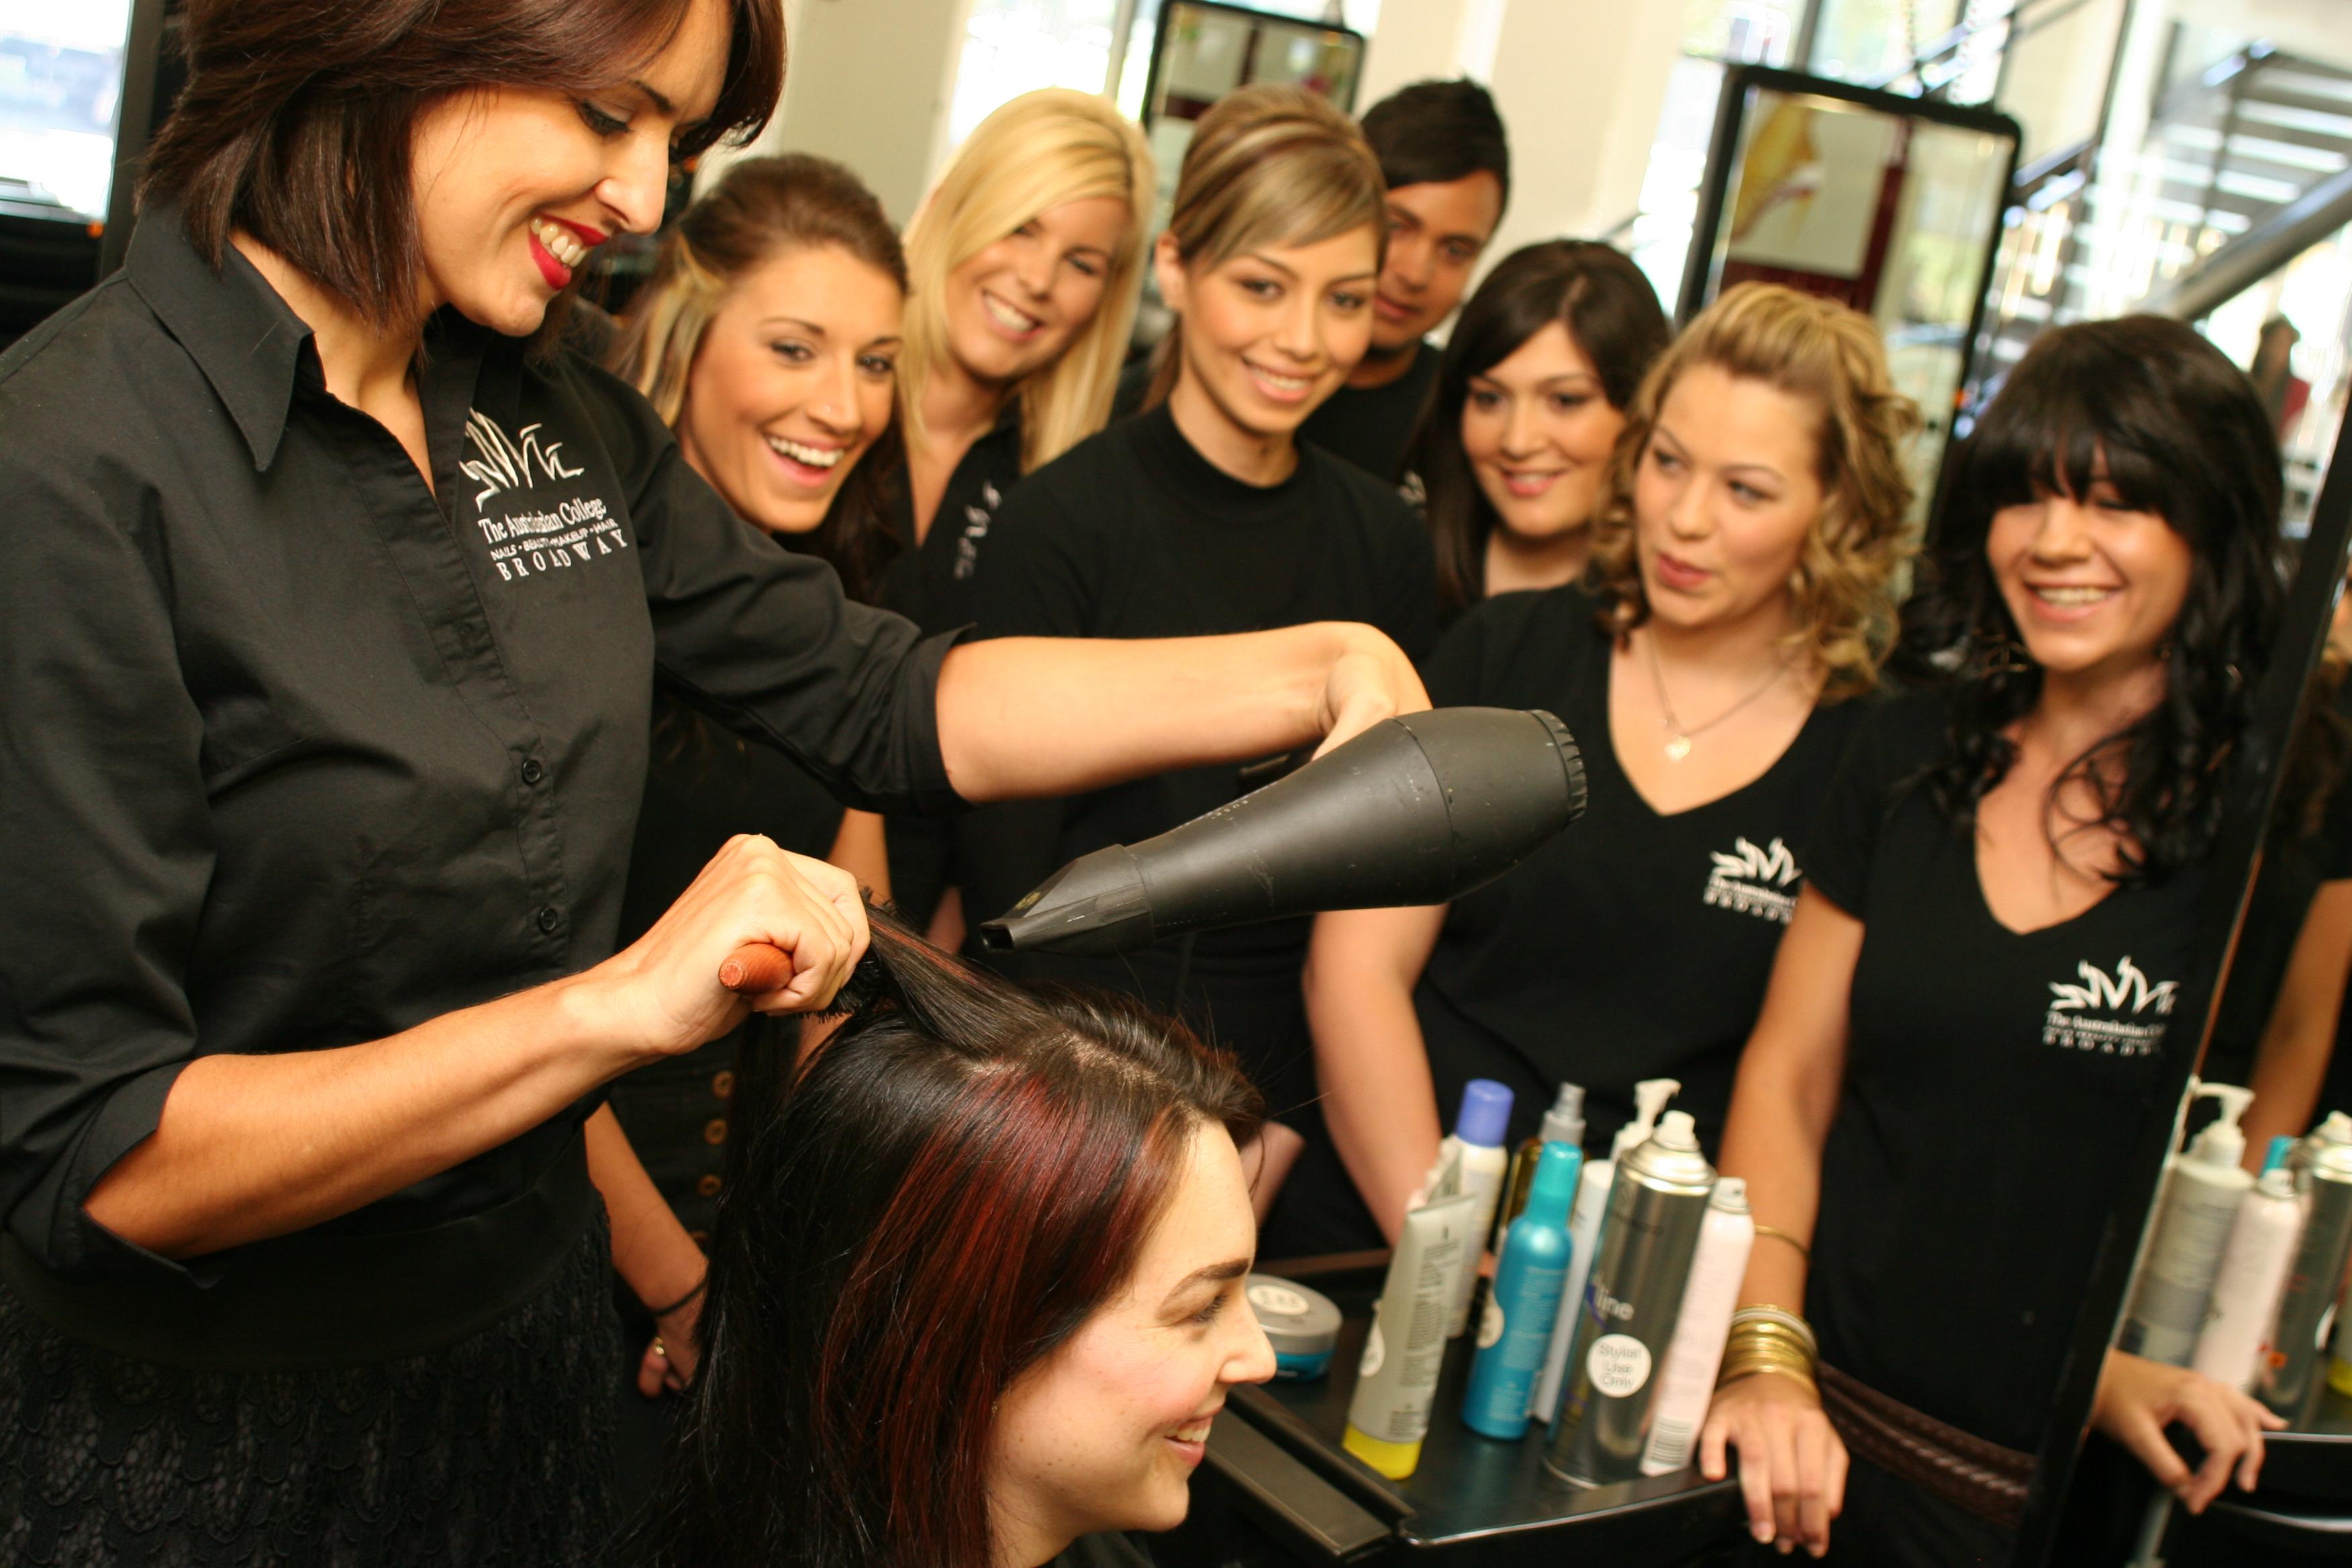 Coiffeuse d finition c 39 est quoi - Salon de coiffure sens ...